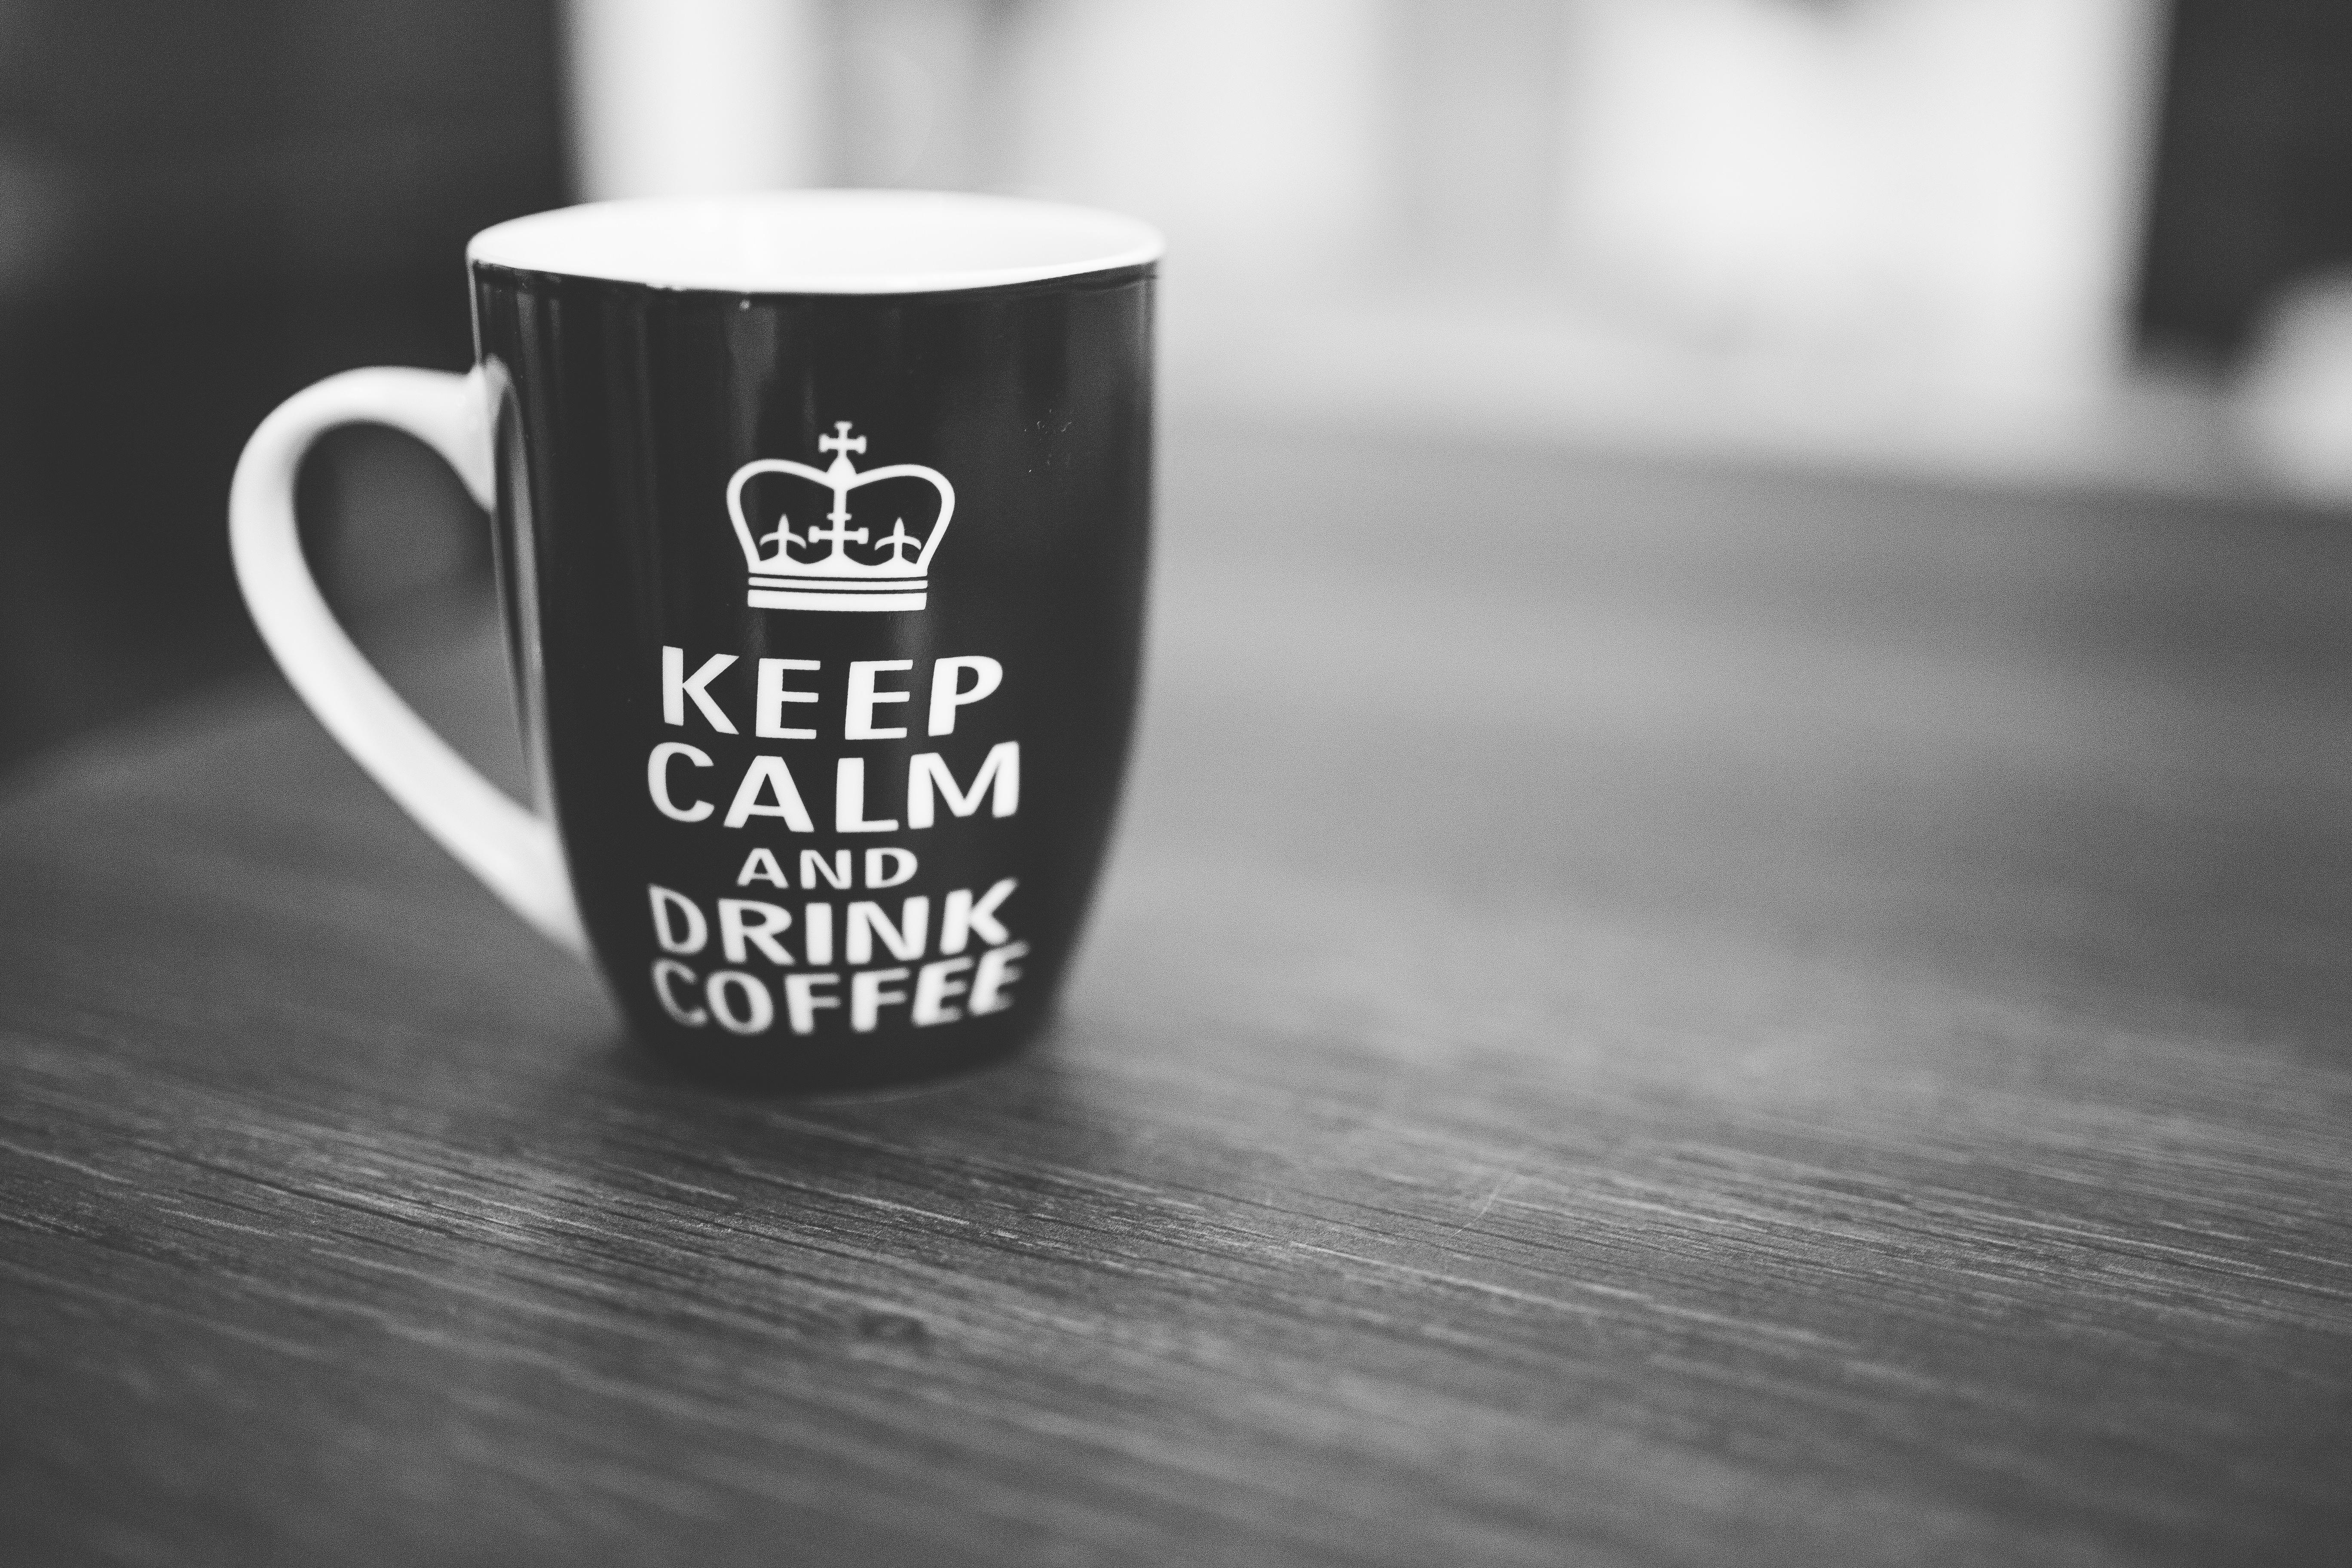 Sycylijska mentalność. Sycylia. Keep calm and drink coffee.